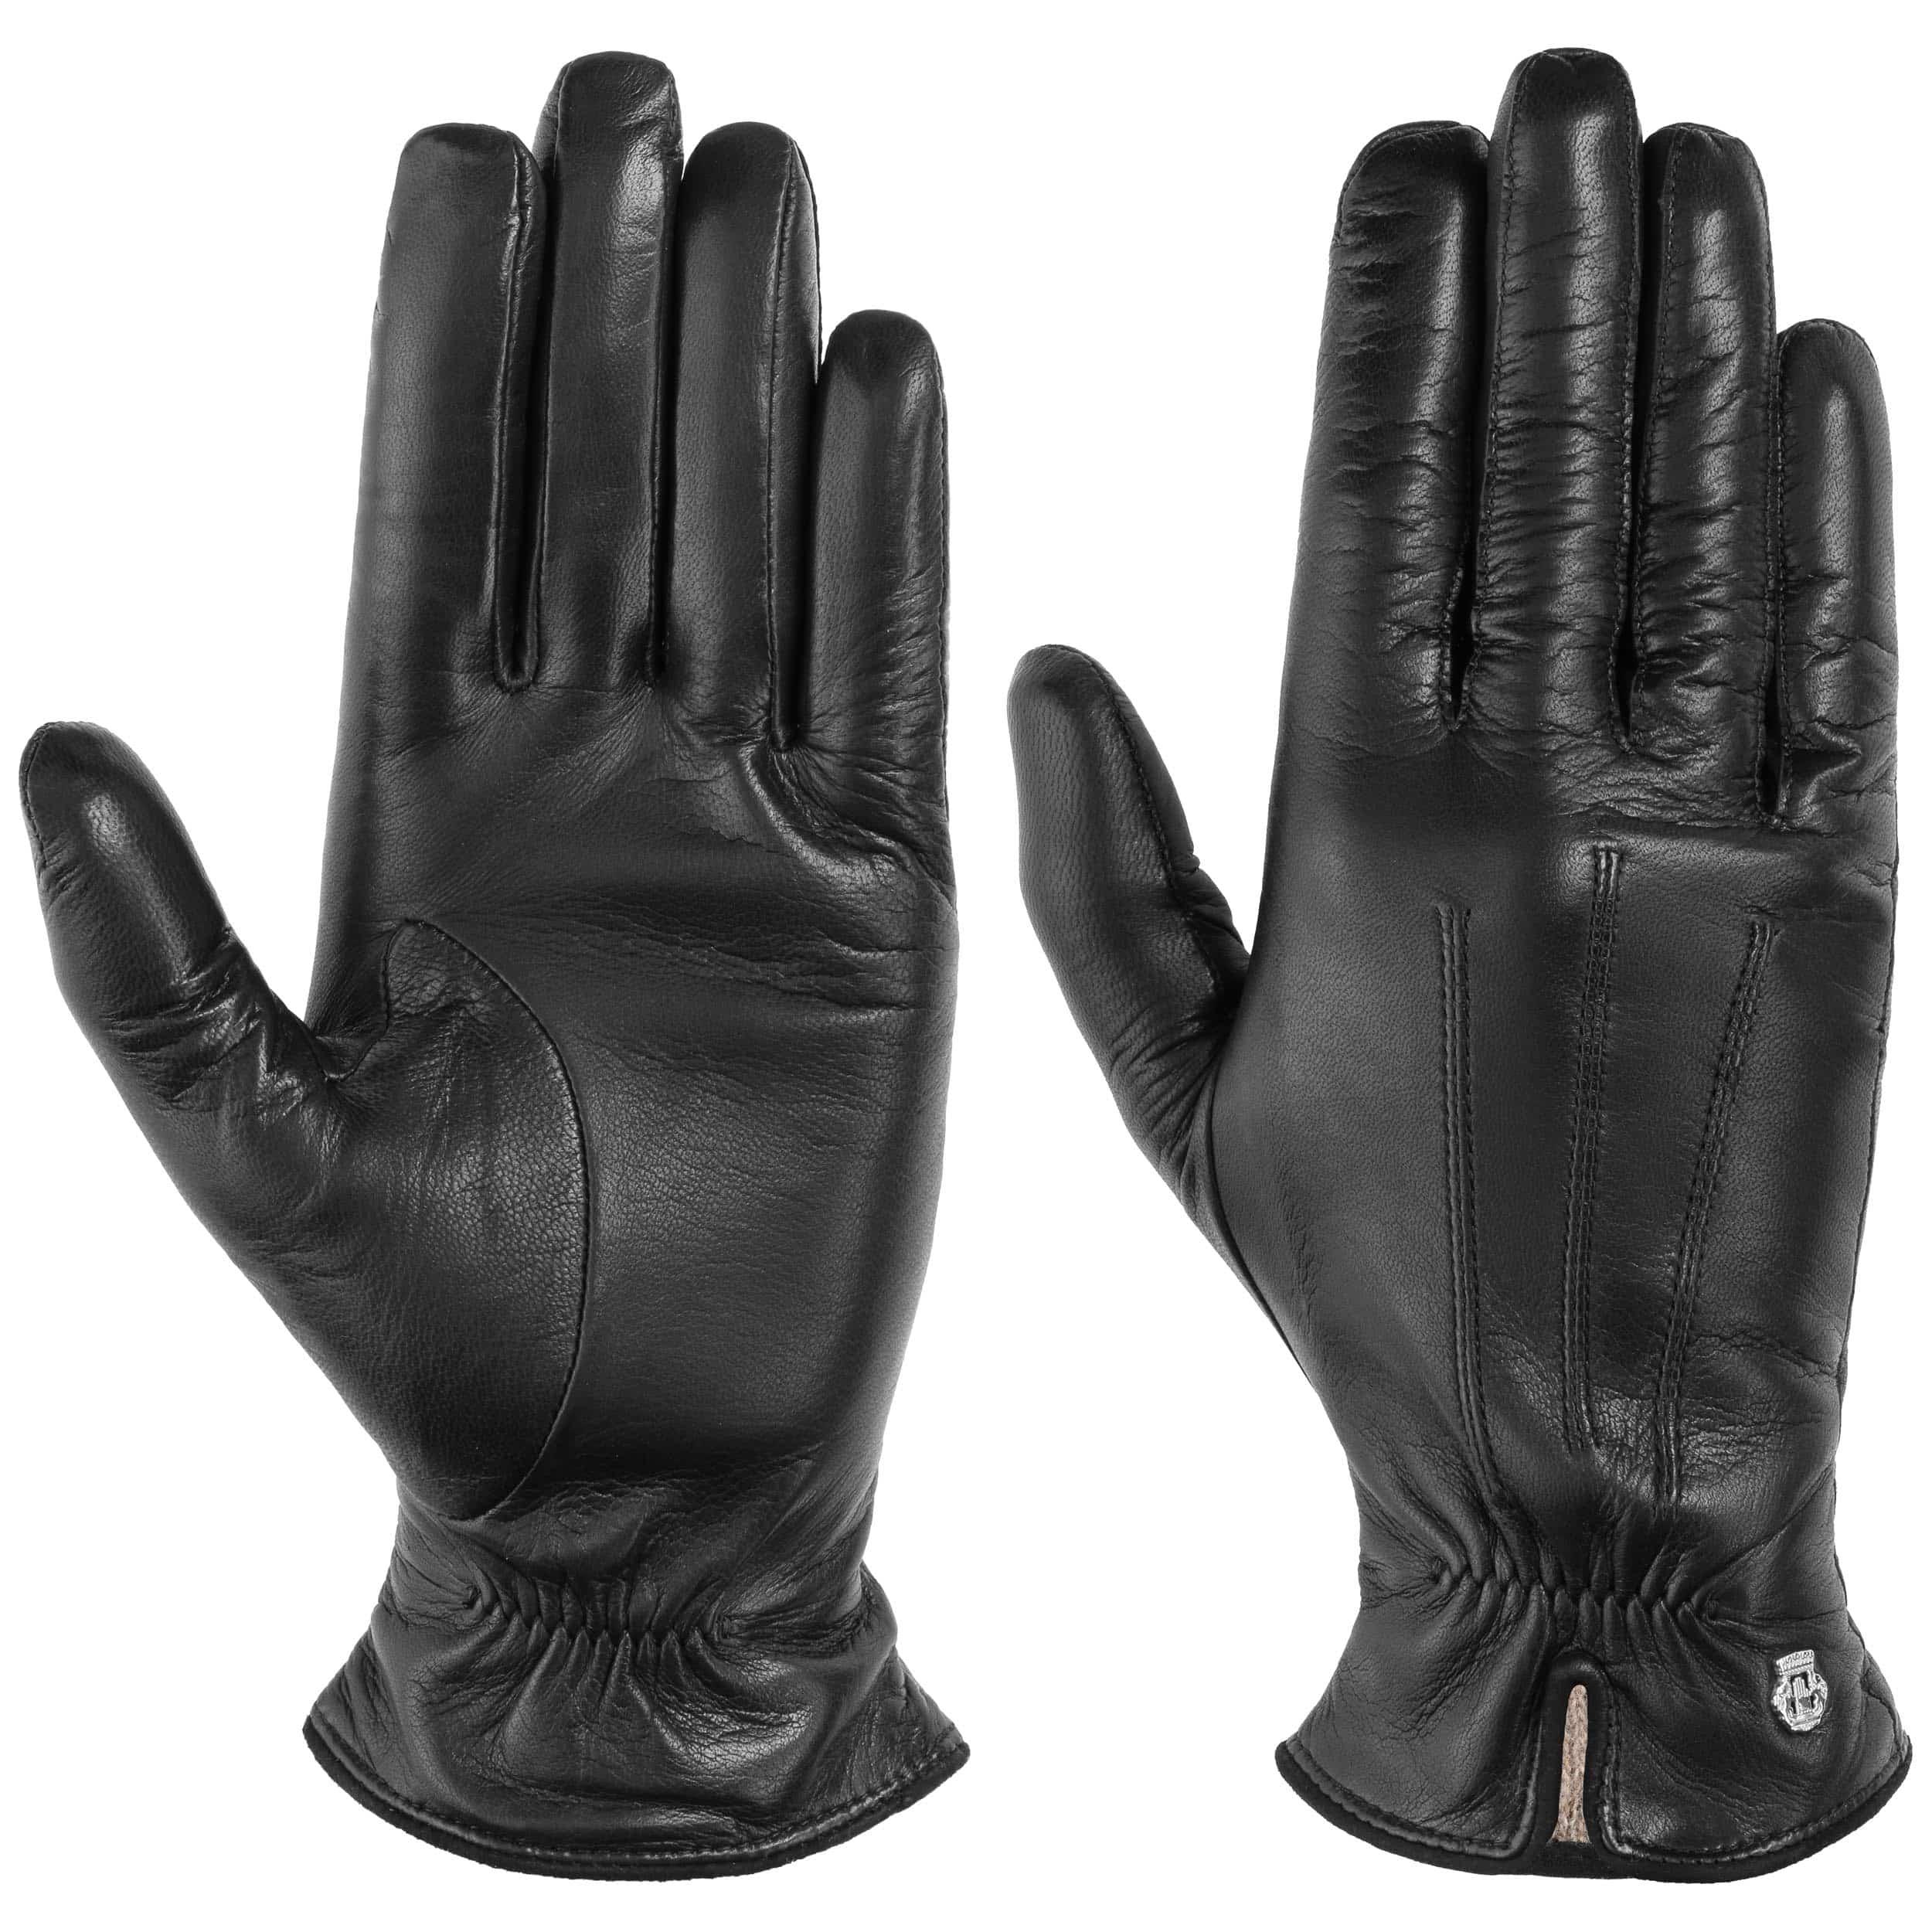 gants pour femme raffung by roeckl 79 90. Black Bedroom Furniture Sets. Home Design Ideas